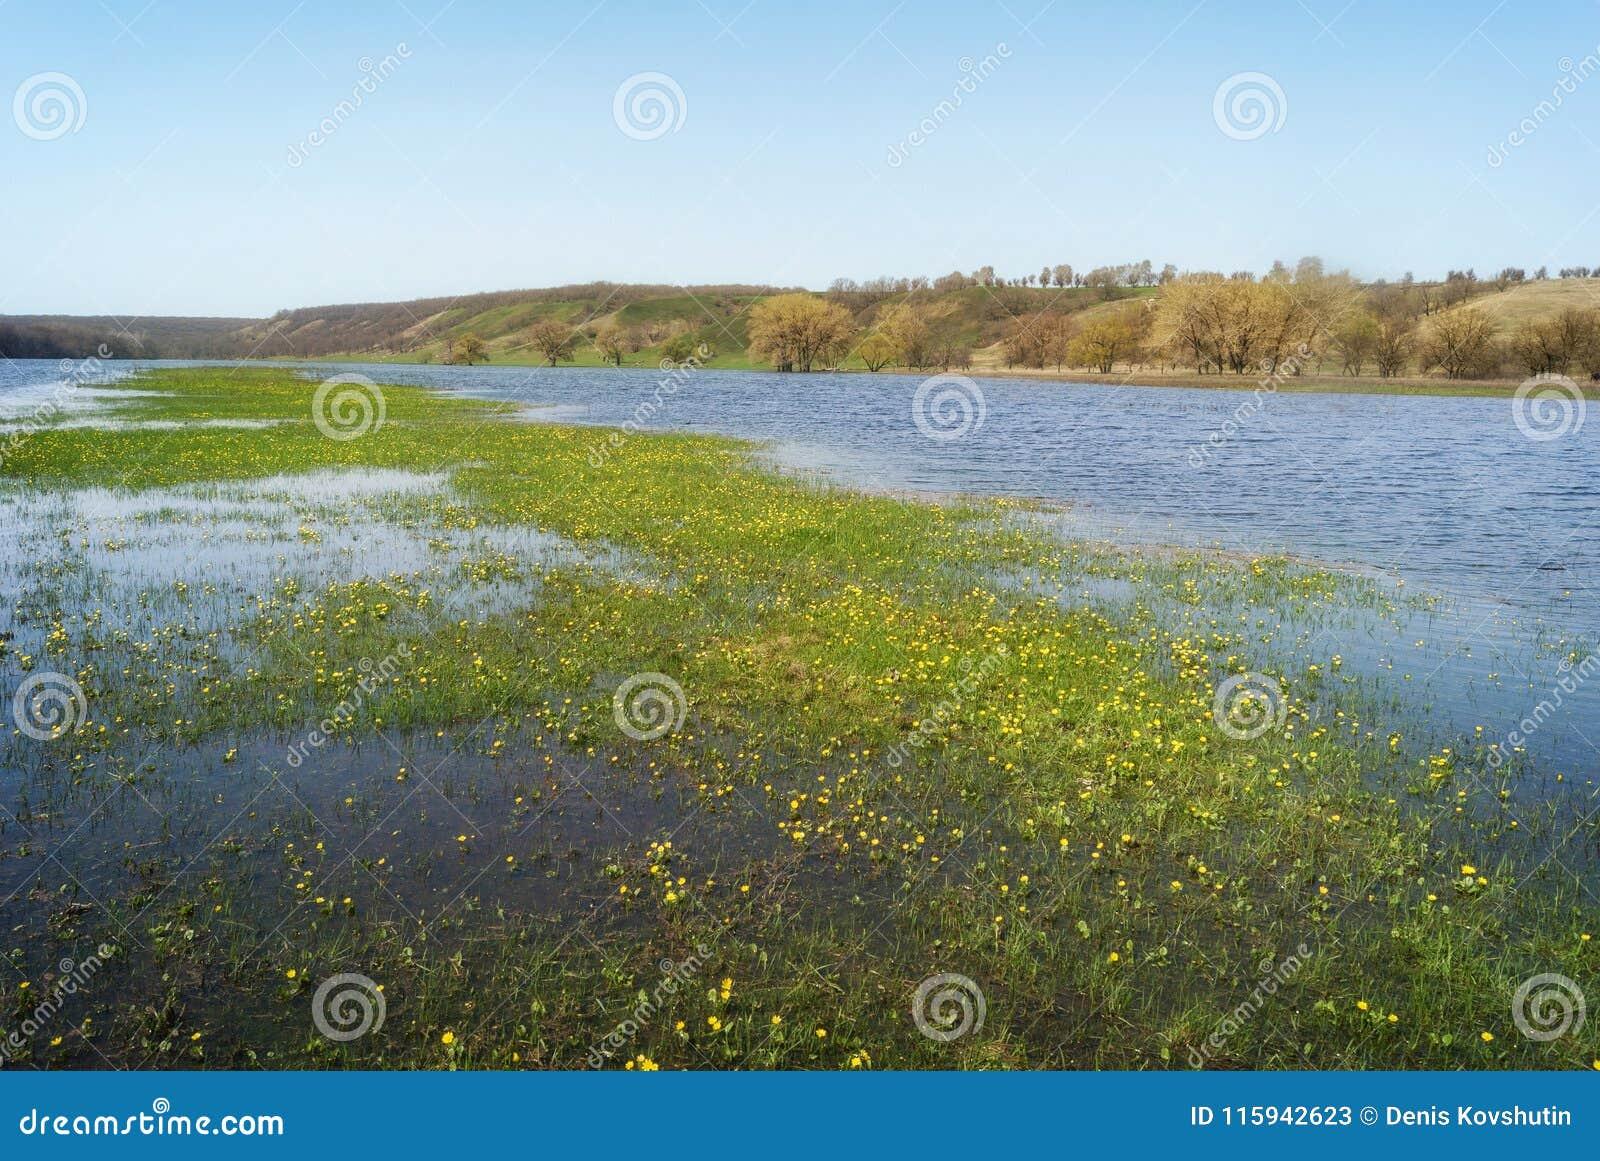 草甸和牧场地多小山谷的充斥了与春天河小河 花在水中间的海岛小岛